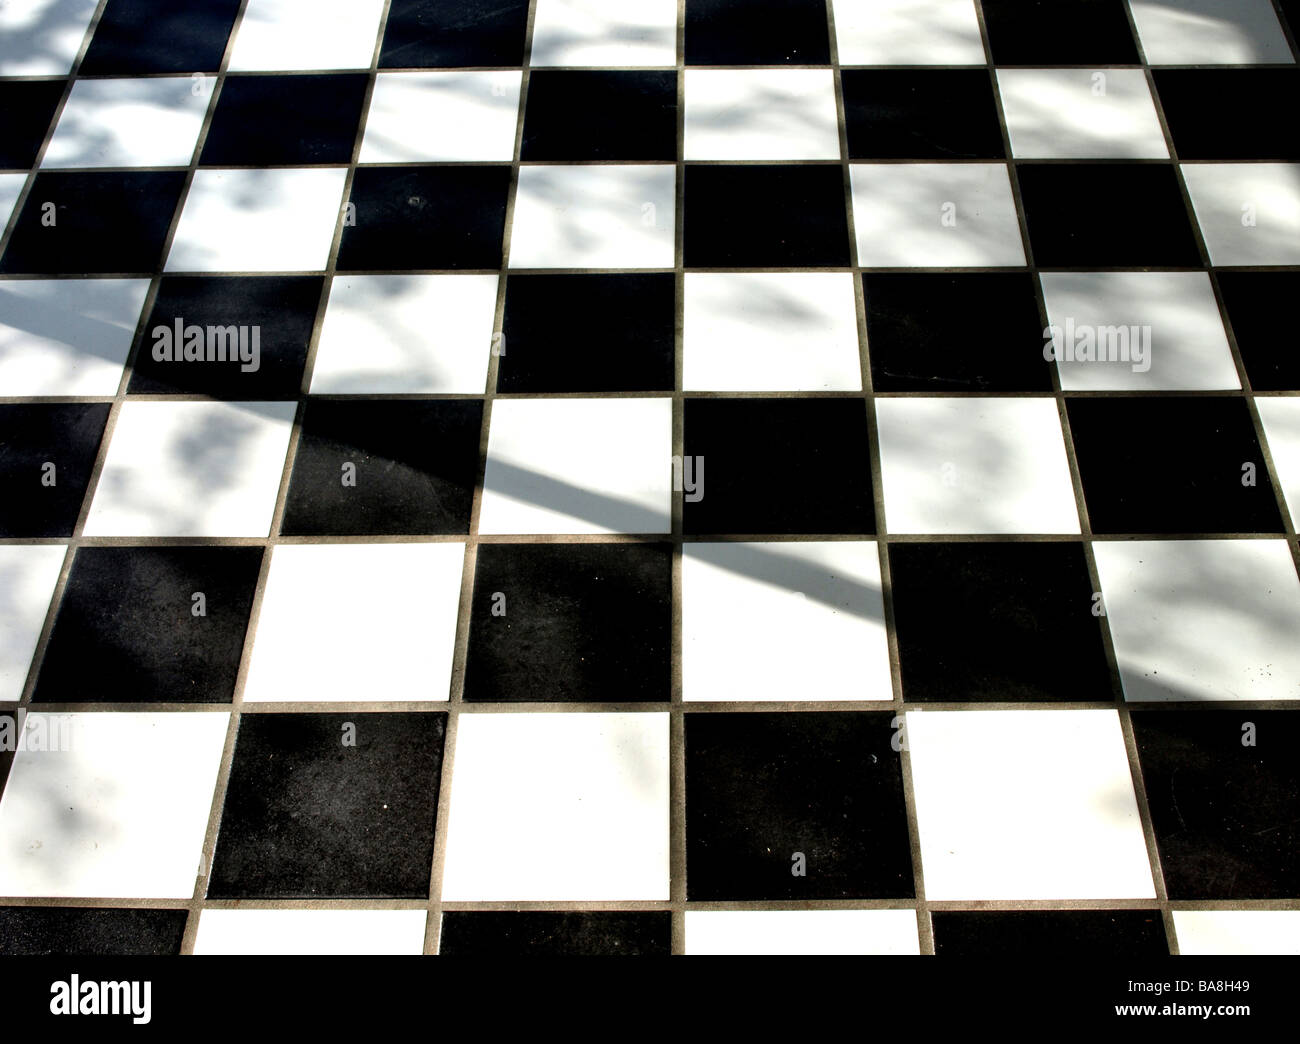 Checkered Floor Tile Stock Photos Checkered Floor Tile Stock